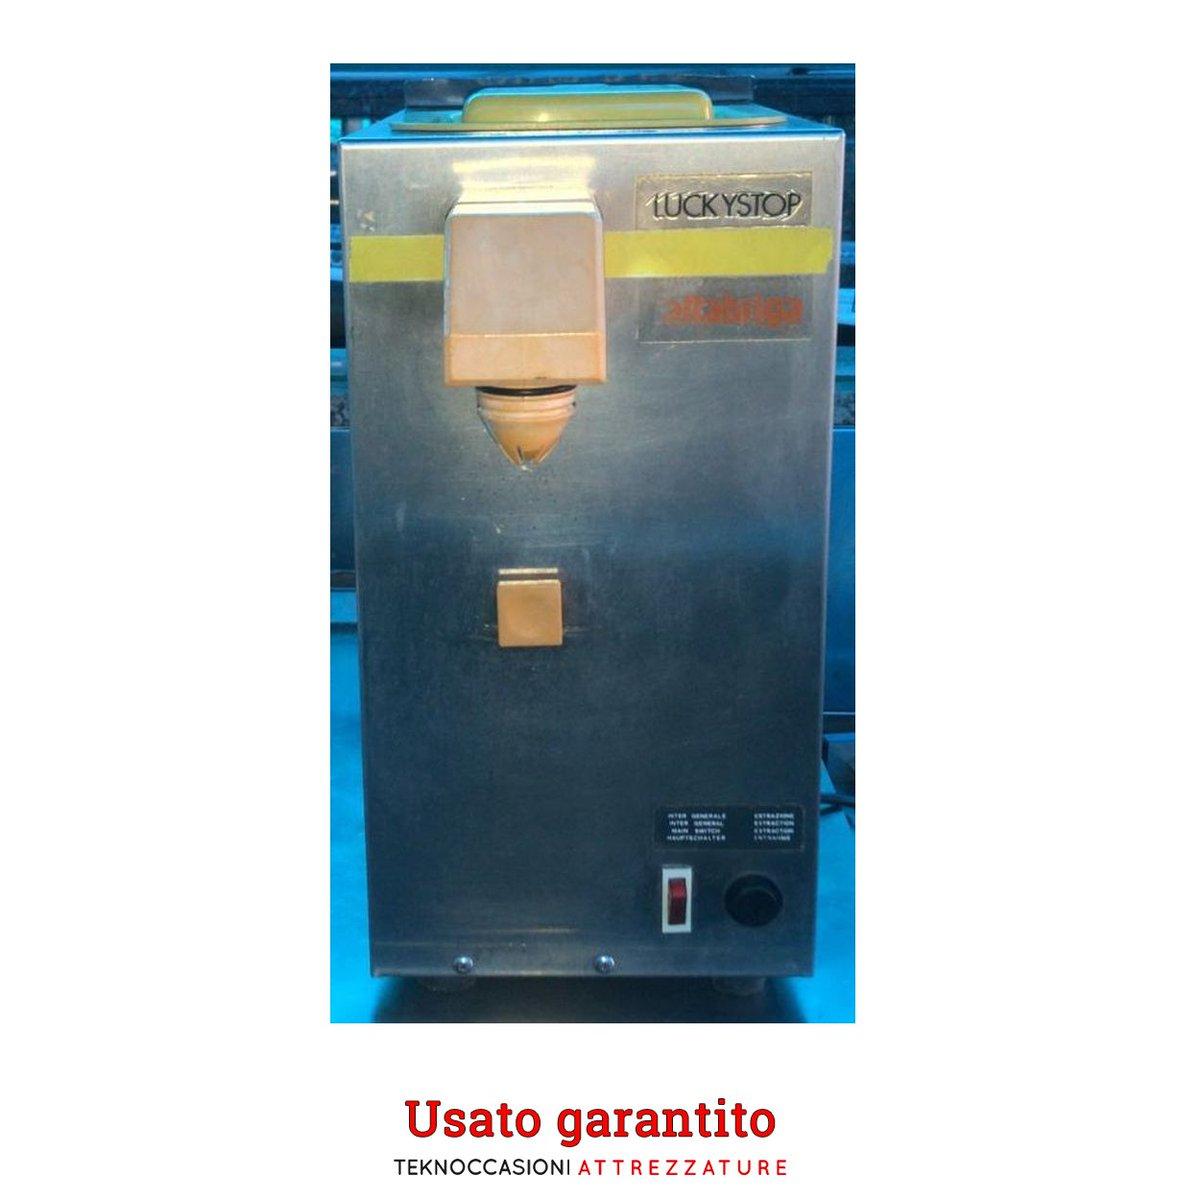 Montapanna Cattabriga da banco - 2 litri -> Chiama lo 085.915.23.41 Marca: Cattabriga Modello: Lucky Stop Litri: 2 Dimensioni in cm LxPxH 23x56x42 Alimentazione: 220 V Peso: 40 kg circa -> 650,00 € -> https://bit.ly/2LFMJLIpic.twitter.com/slEQQ3VT9K